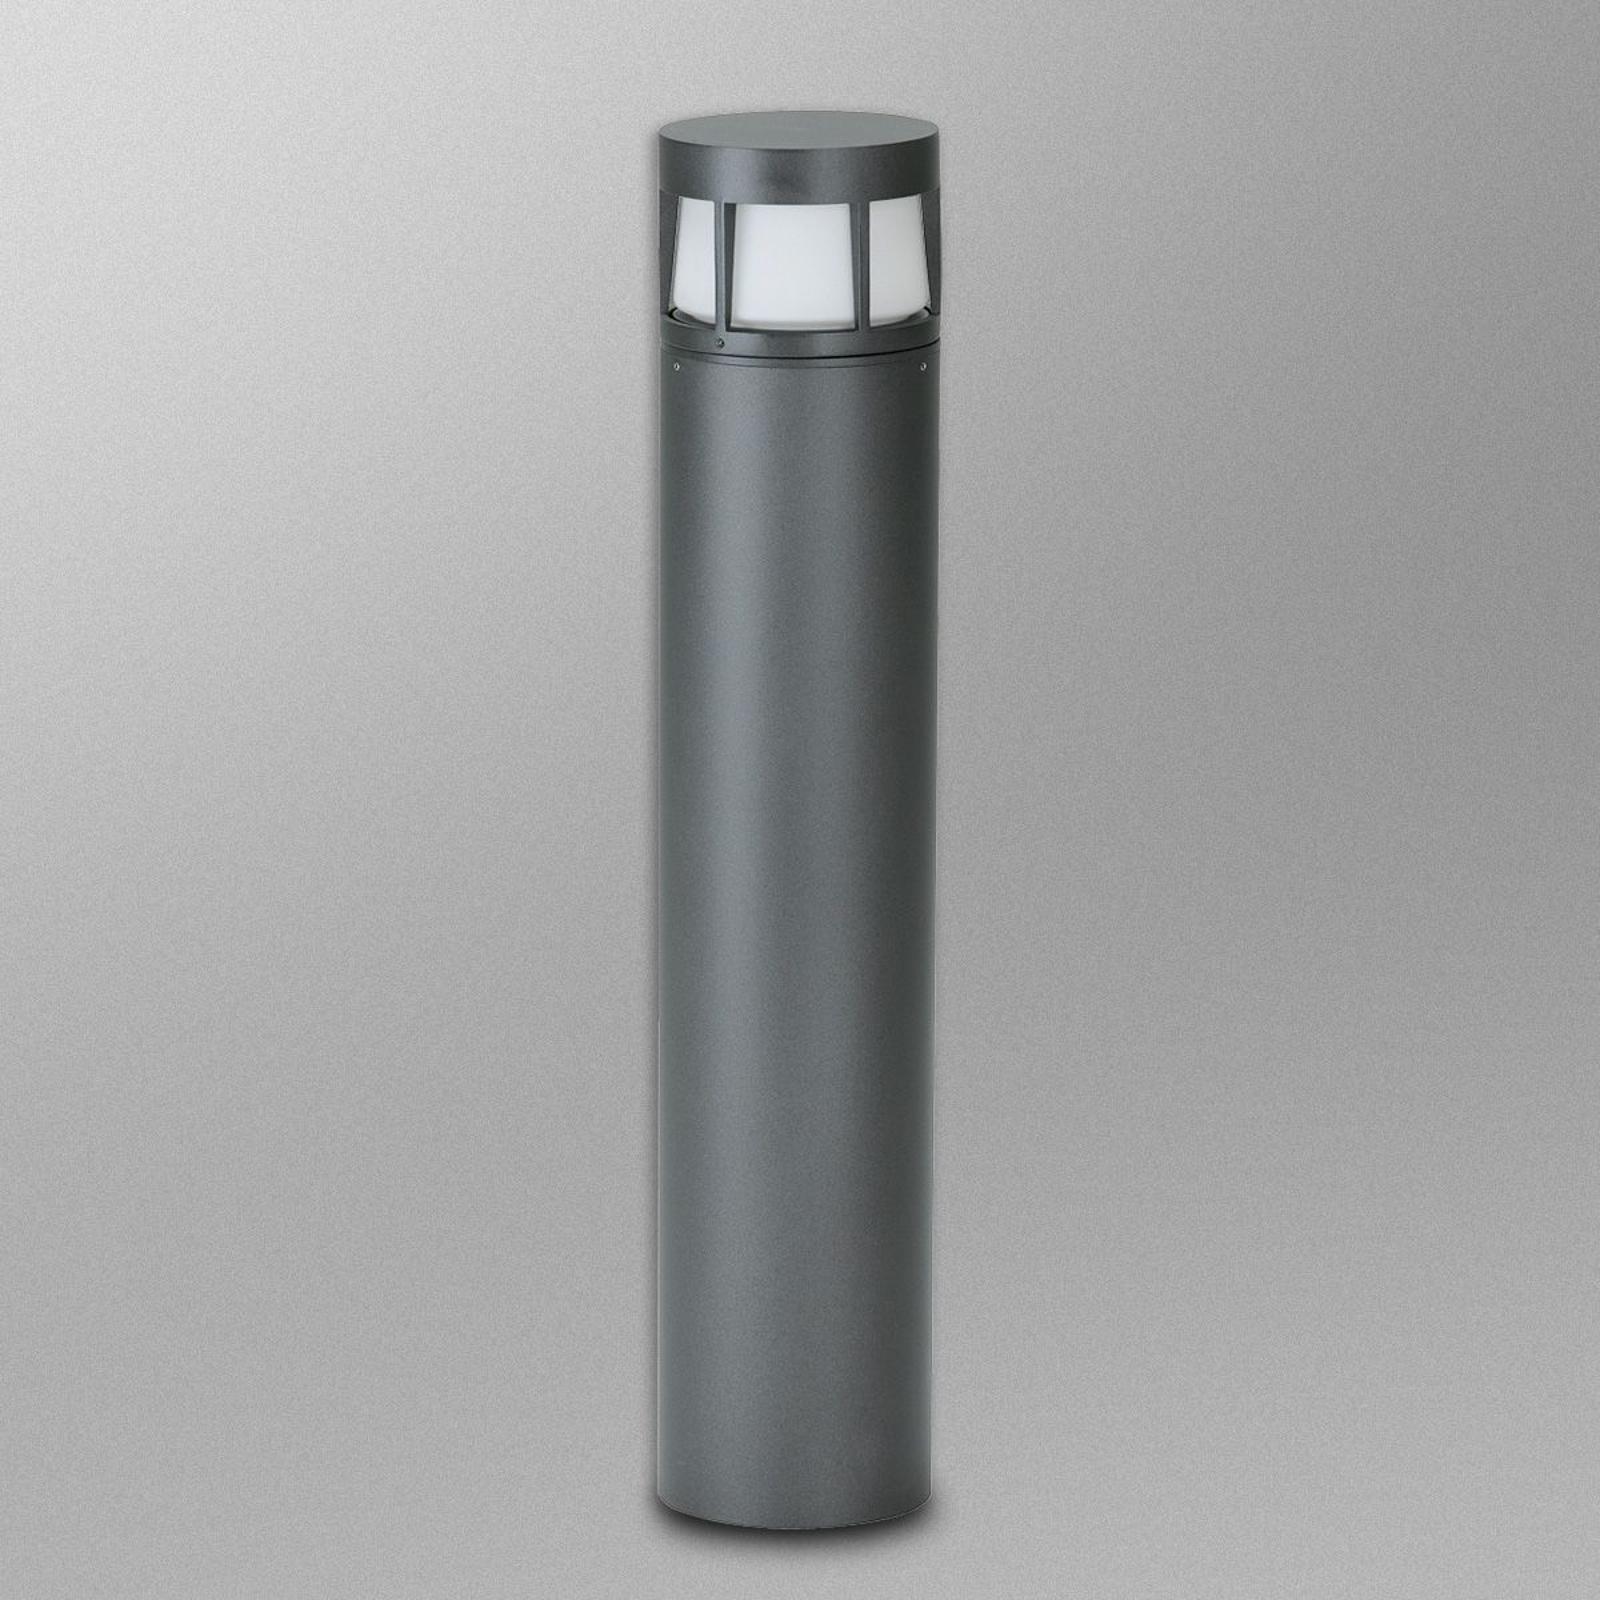 Versatile lampioncino LED Fadri